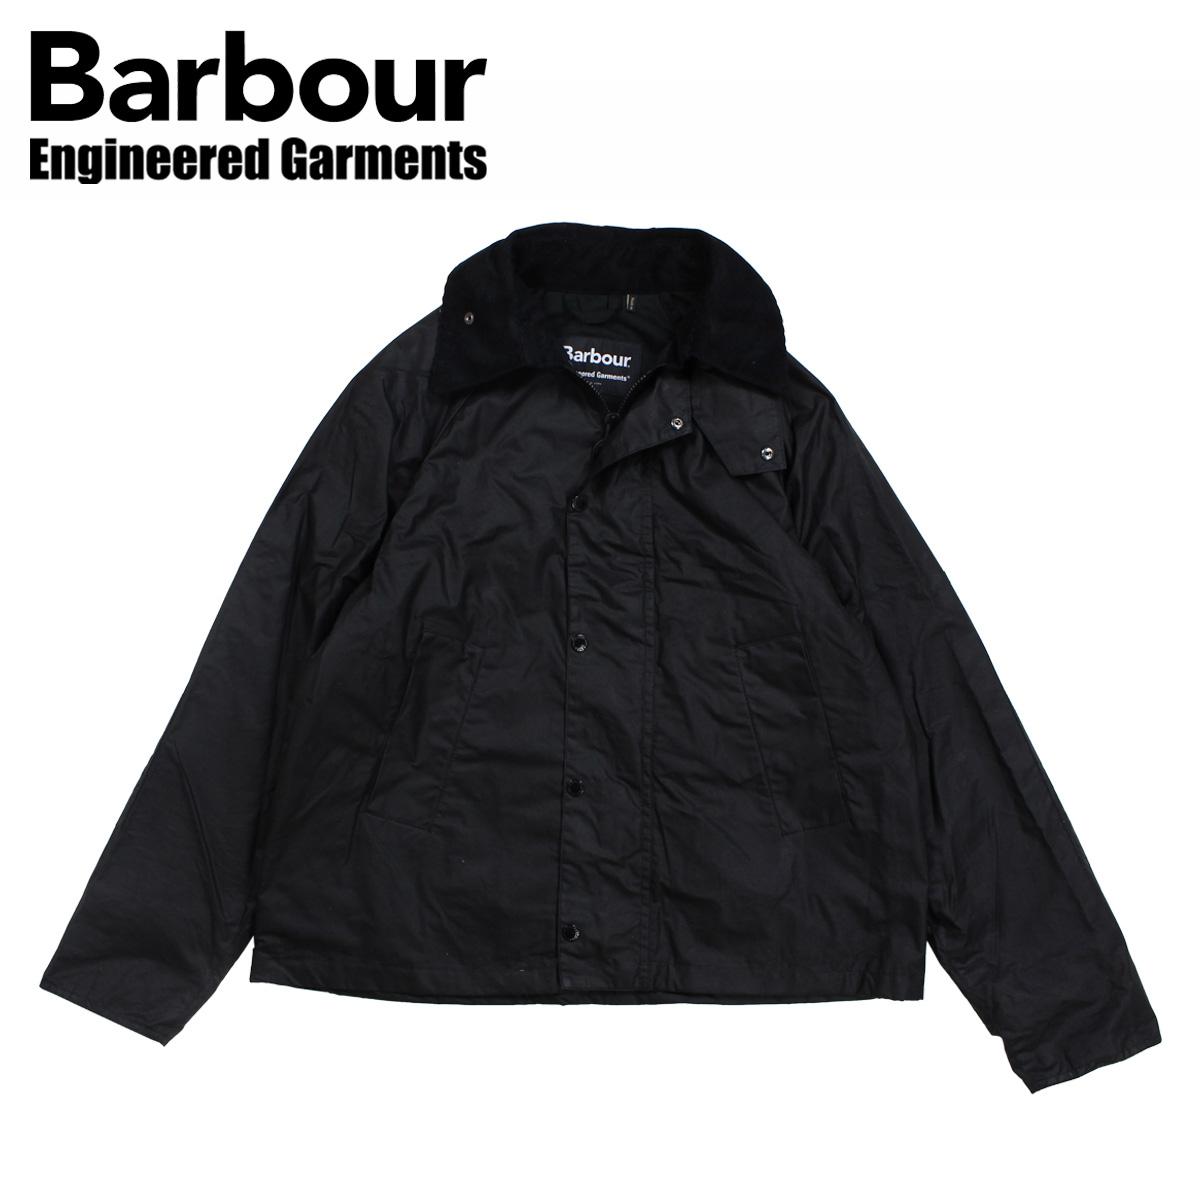 【最大2000円OFFクーポン】 Barbour バブアー ジャケット ワックス メンズ グラハム ワックスジャケット GRAHAM WAX JACKET ブラック MWX1436